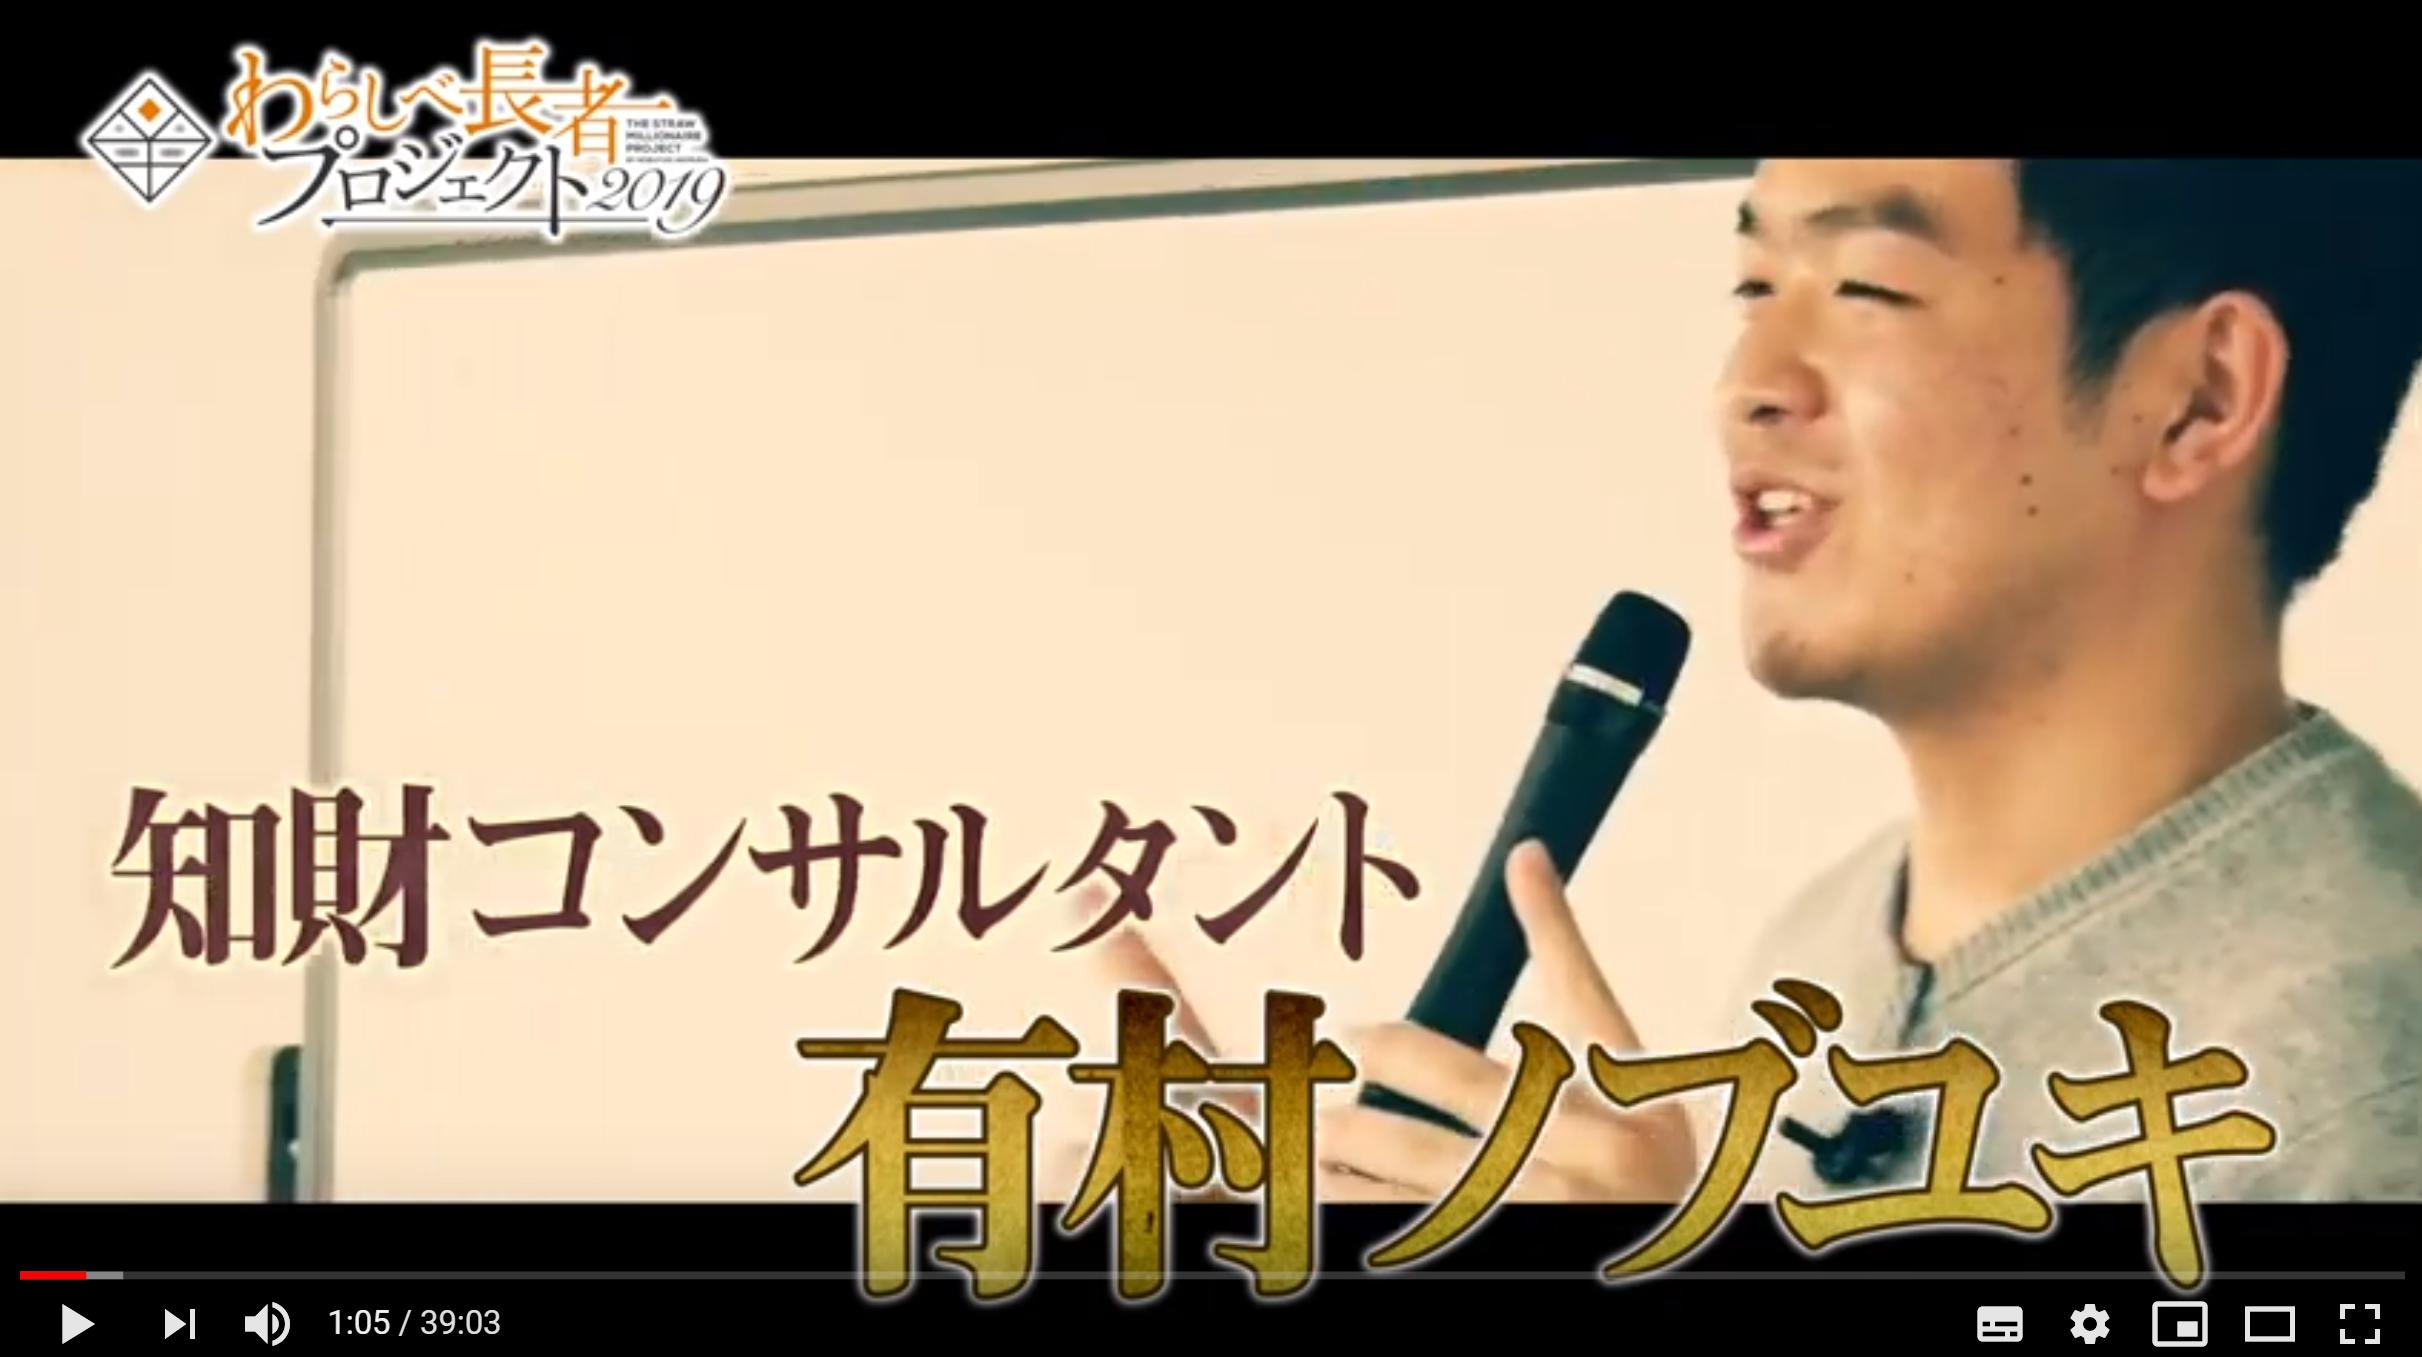 有村ノブユキ 【第1話】アンケートに答えるだけで10万円がもらえる「わらしべ長者プロジェクト